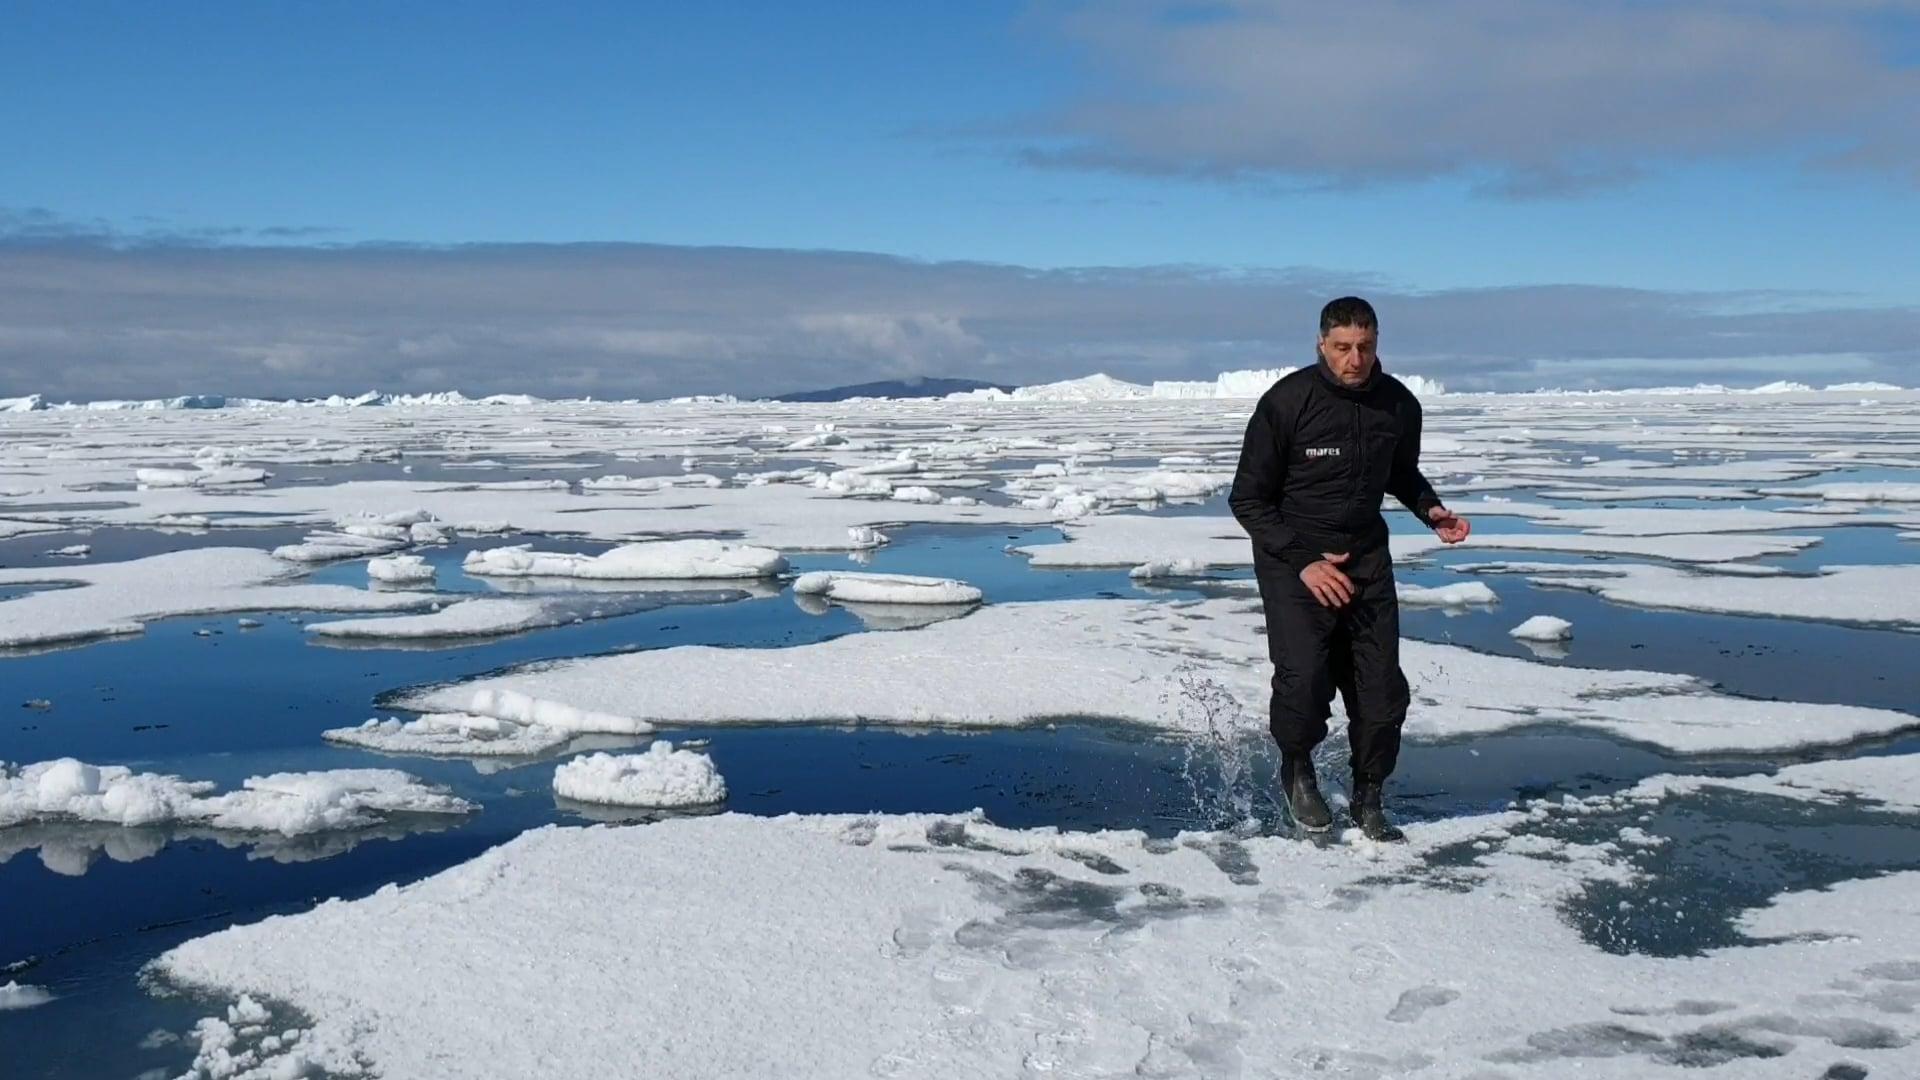 Groenland juin 2019 baie de baffin latitude 75 nord